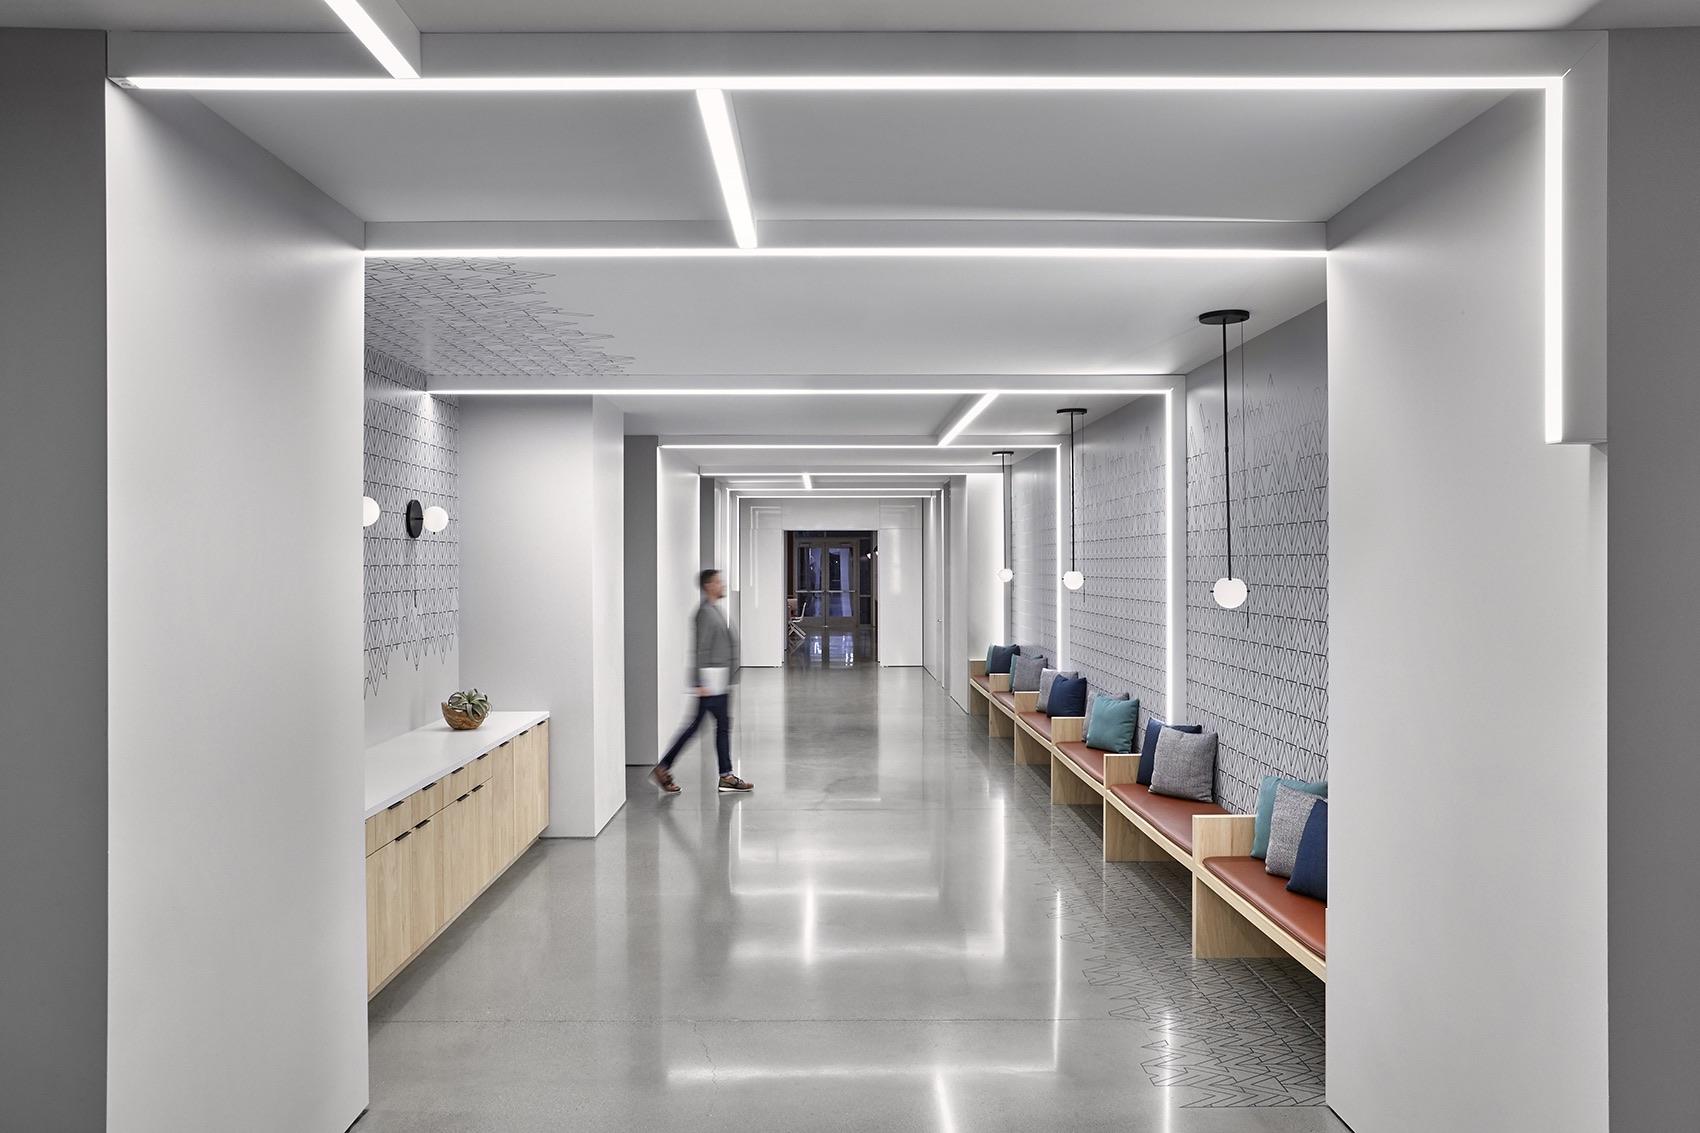 netapp-sunnyvale-office-16